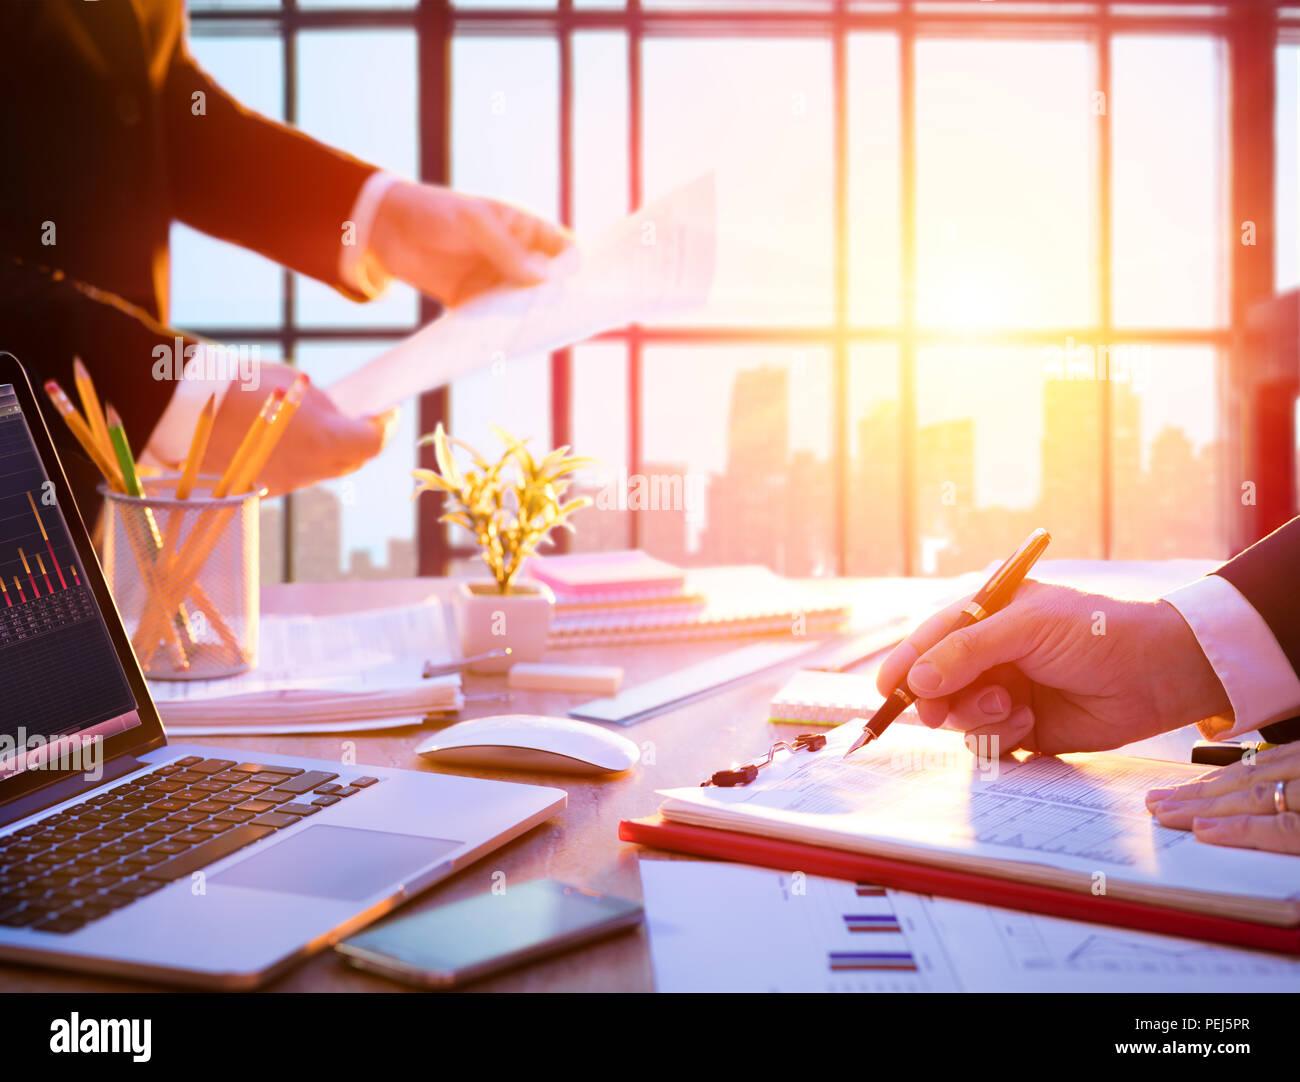 Arbeitsplatz mit Manager bei der Arbeit - im Büro Stockbild